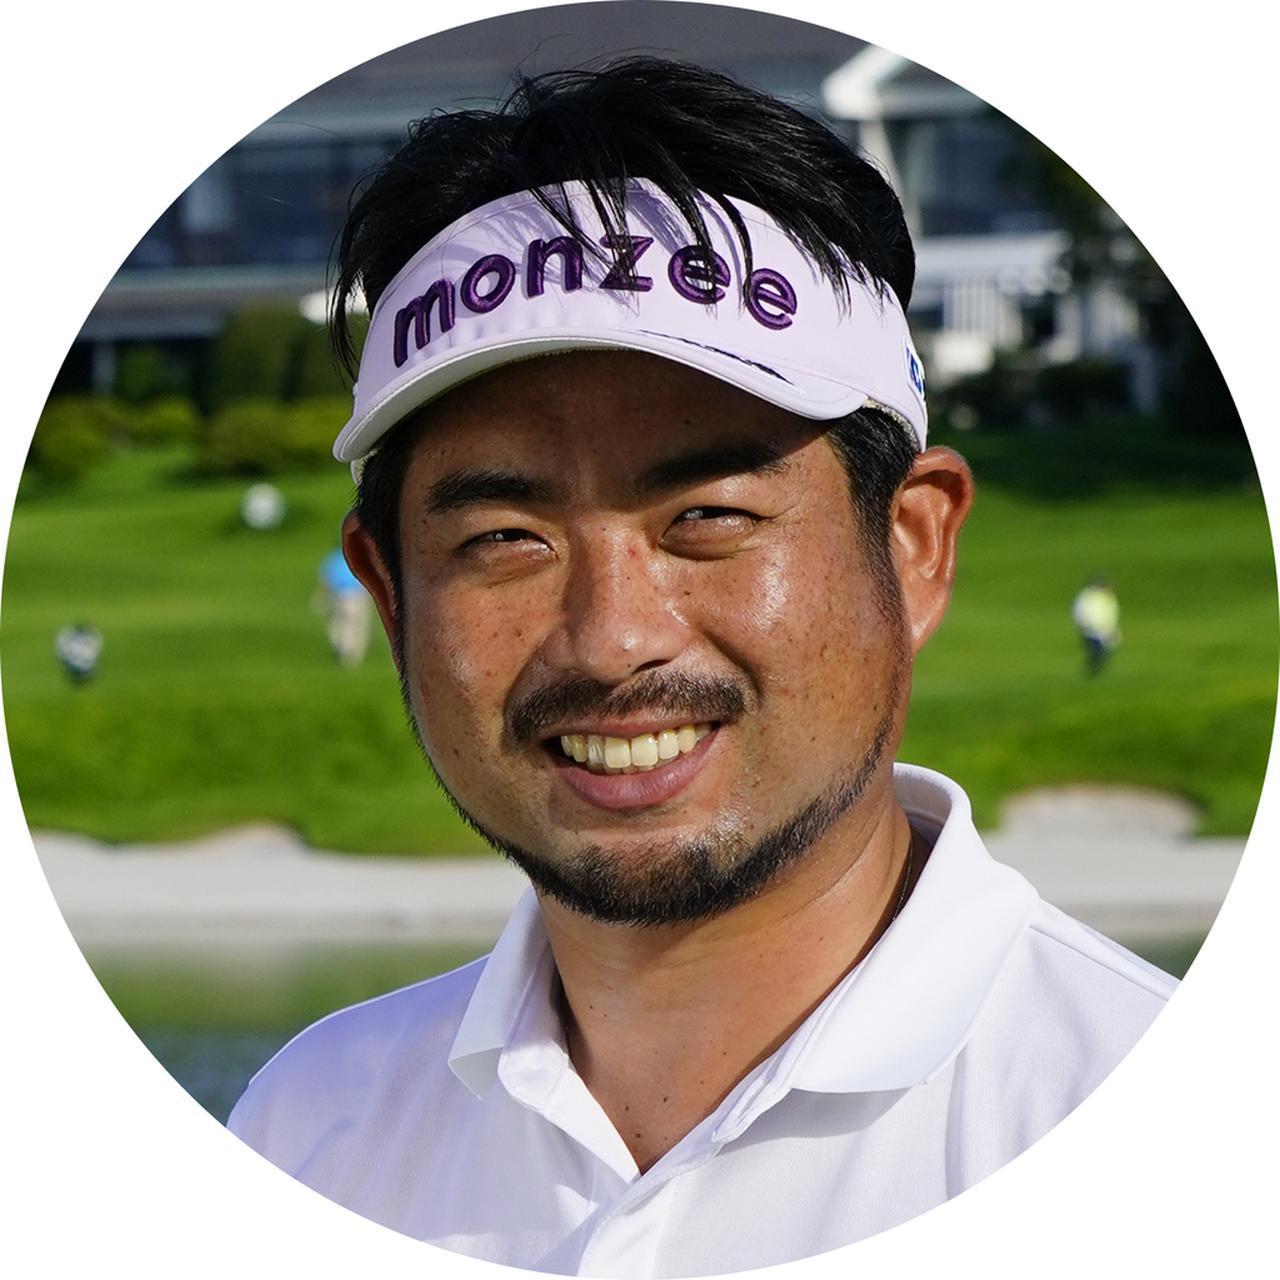 画像: 【解説】池田勇太プロ 2013年賞金王。19年はミズノオープンで21勝目を挙げた。11年連続で優勝し続けている真の実力者。千葉県出身の34歳